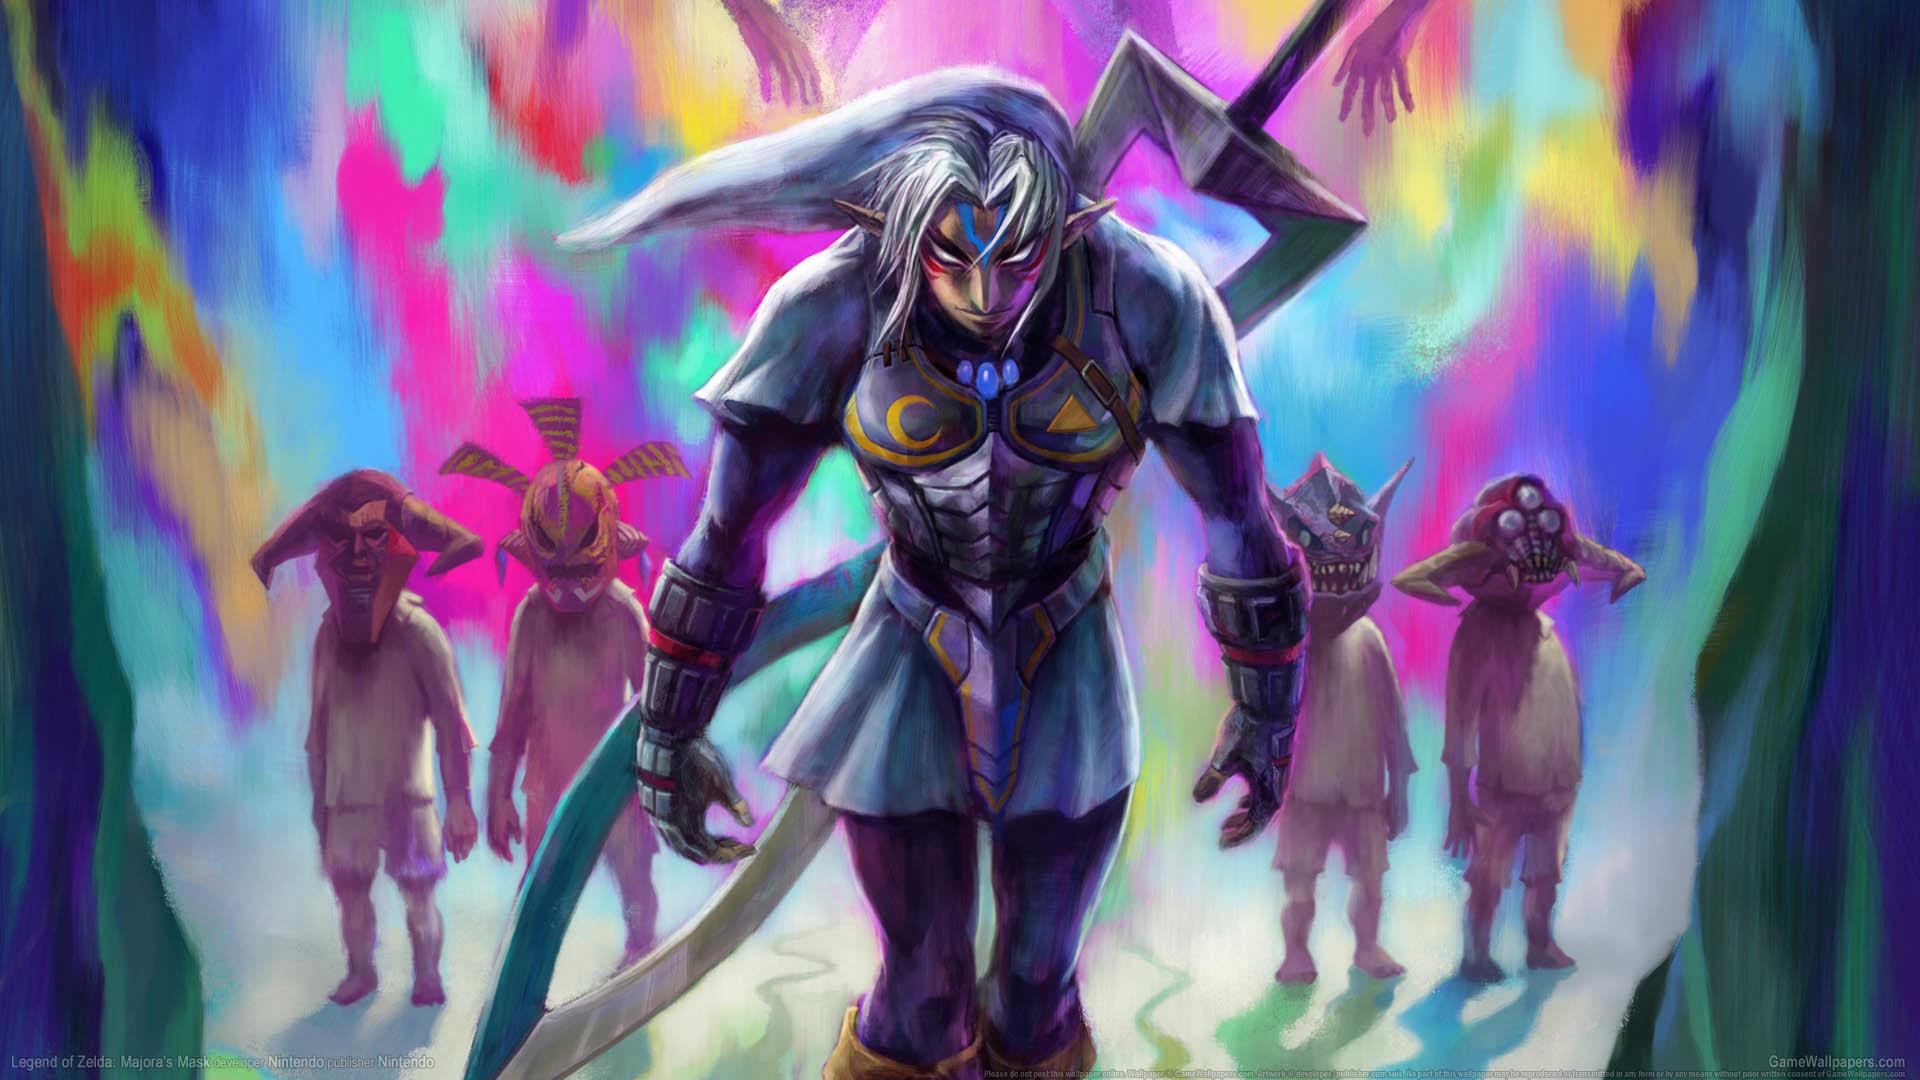 … Legend of Zelda: Majora's Mask wallpaper or background 02